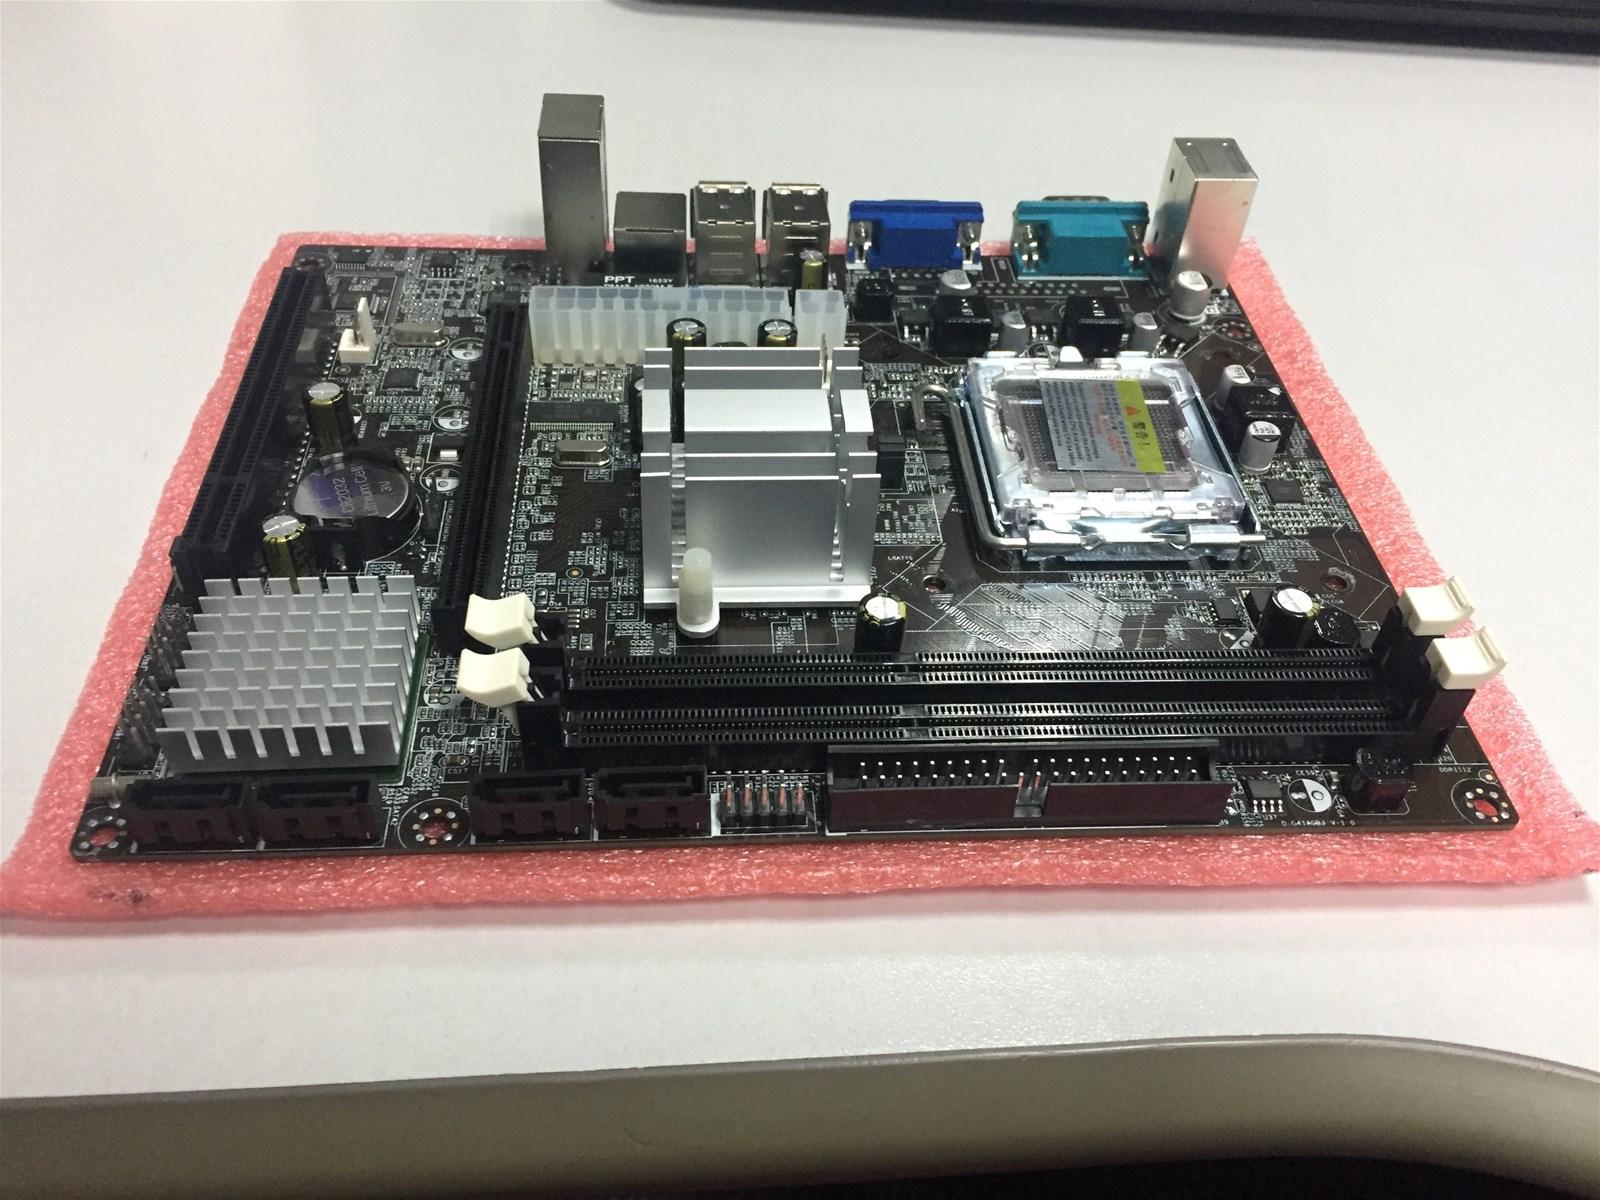 DG41AGB 3V01 Hot Selling G41 Socket 775 Ddr3 PC Motherboard